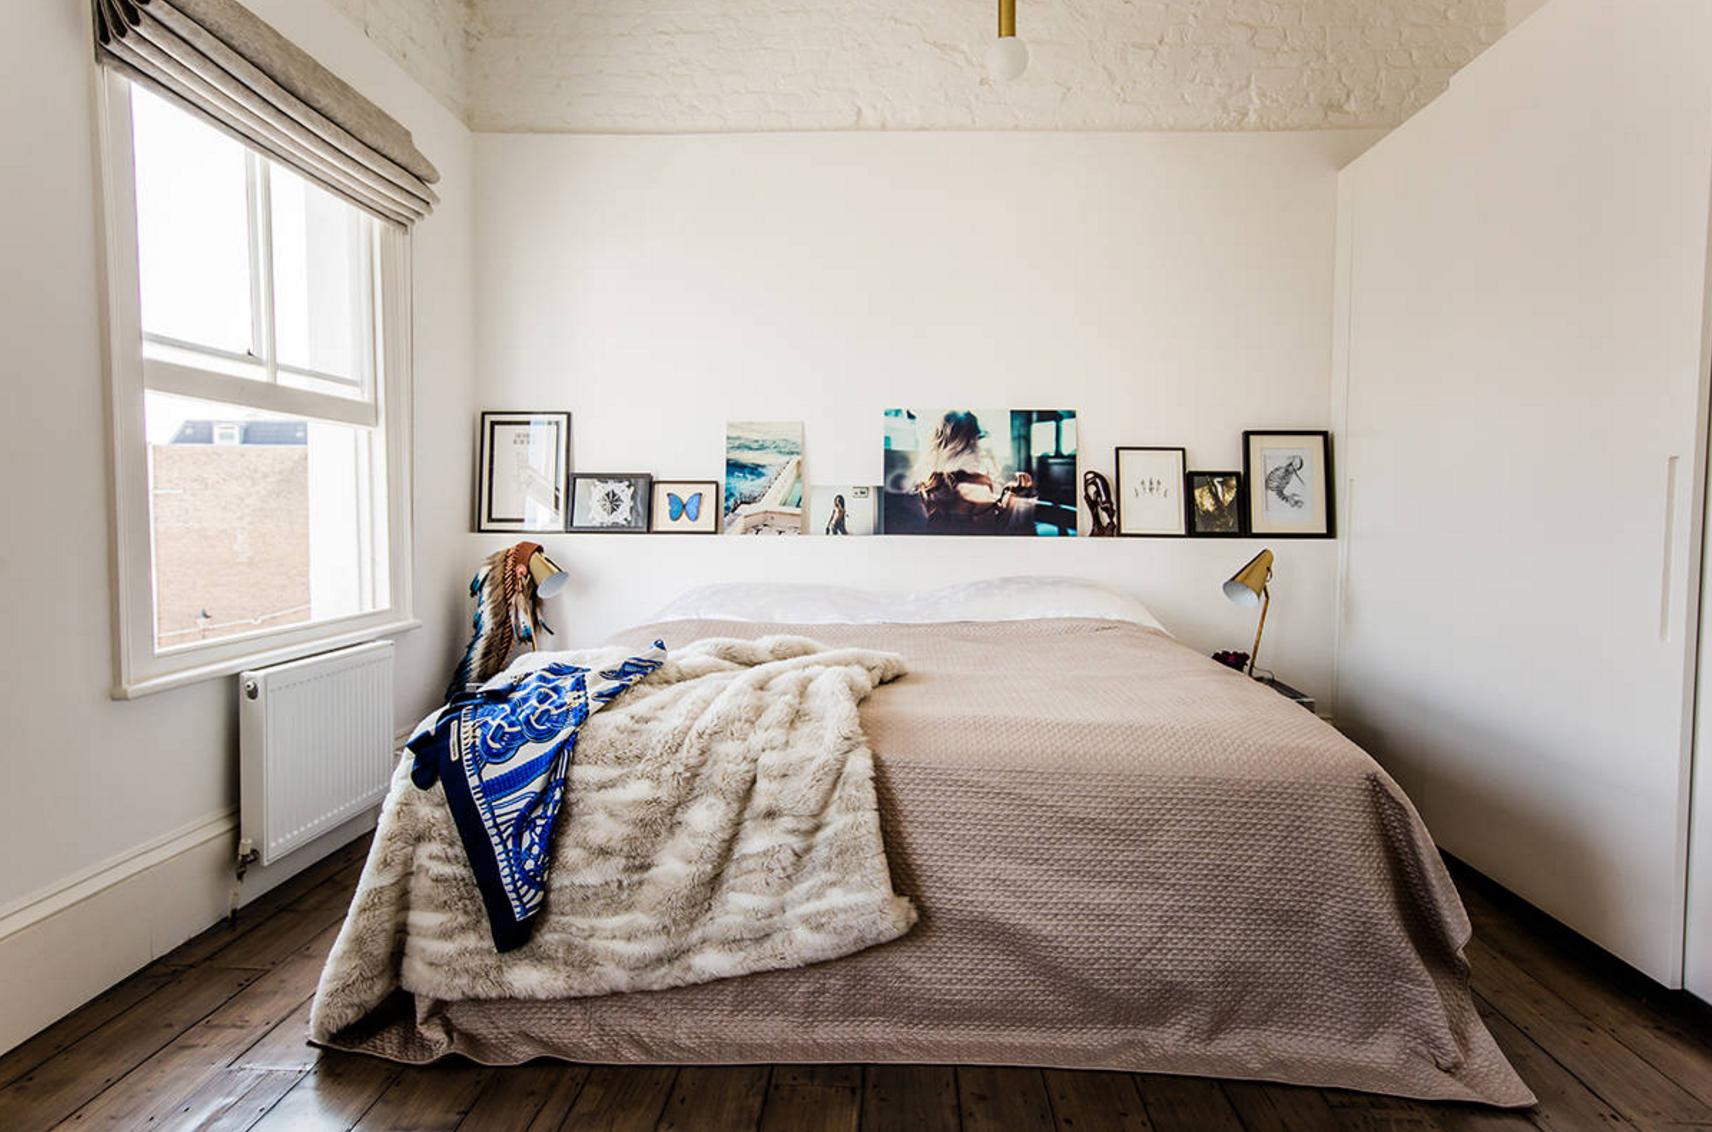 Neue raumwandgestaltung schlafzimmer bett design  hinzufügen eines luxesuche kopfteil ist